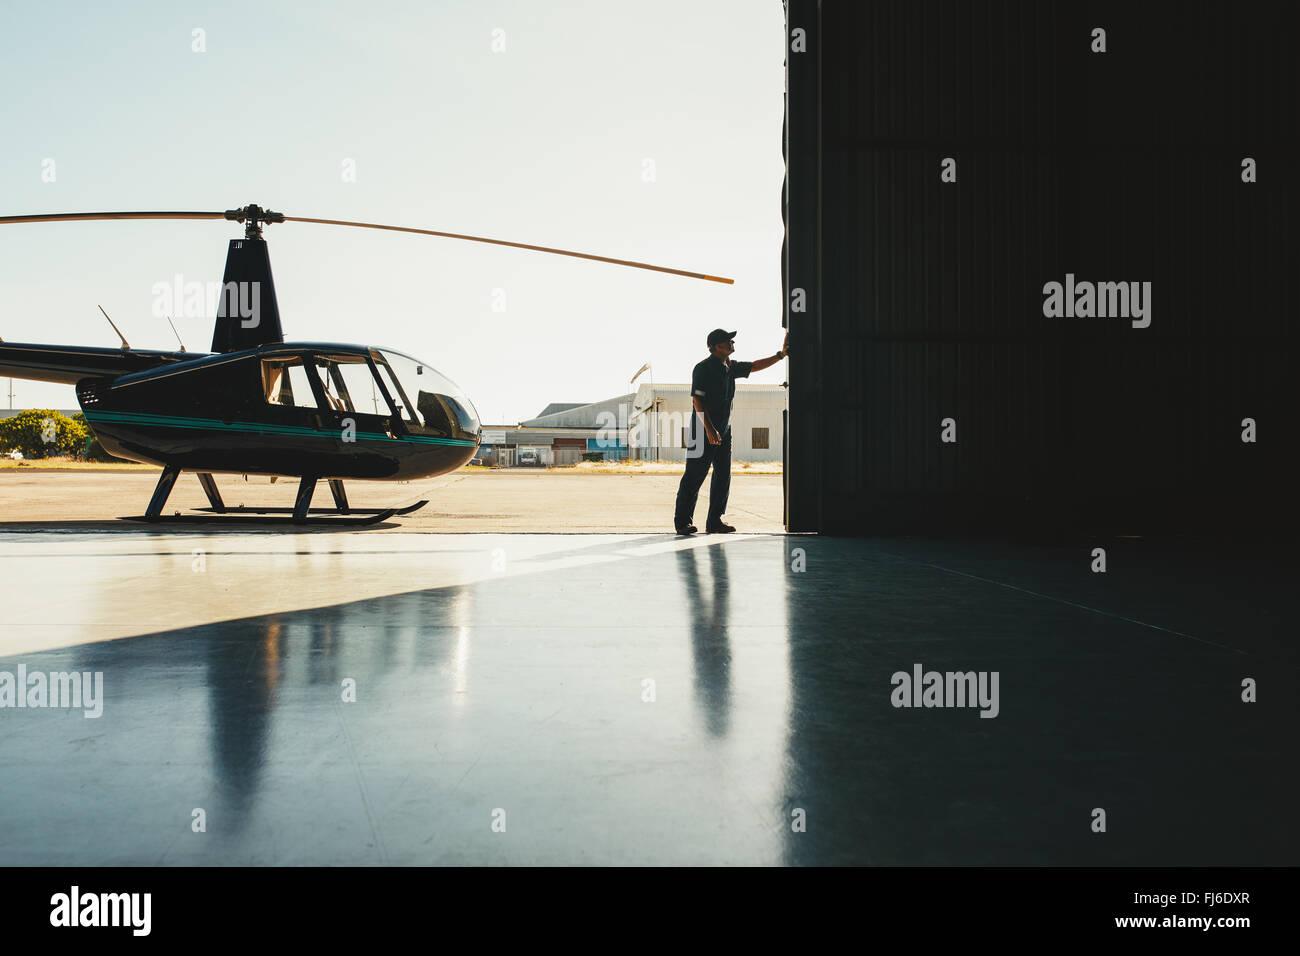 Mechanic abriendo la puerta de un hangar de aviones con un helicóptero Imagen De Stock